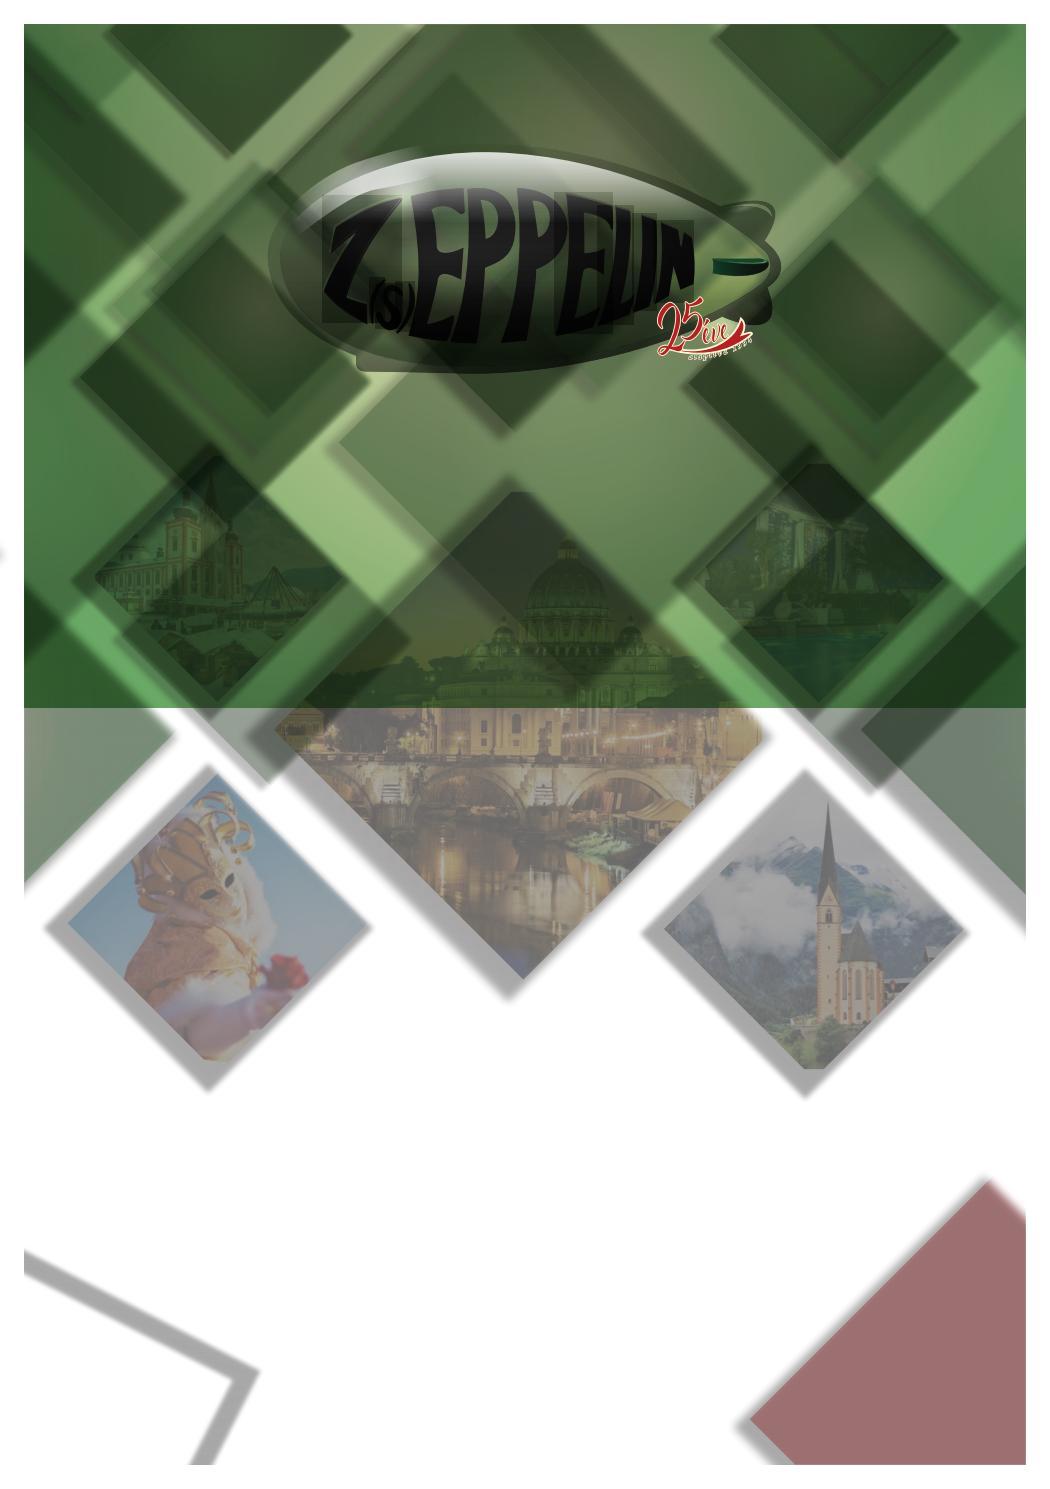 jelzi a kereskedelmi erődöket)